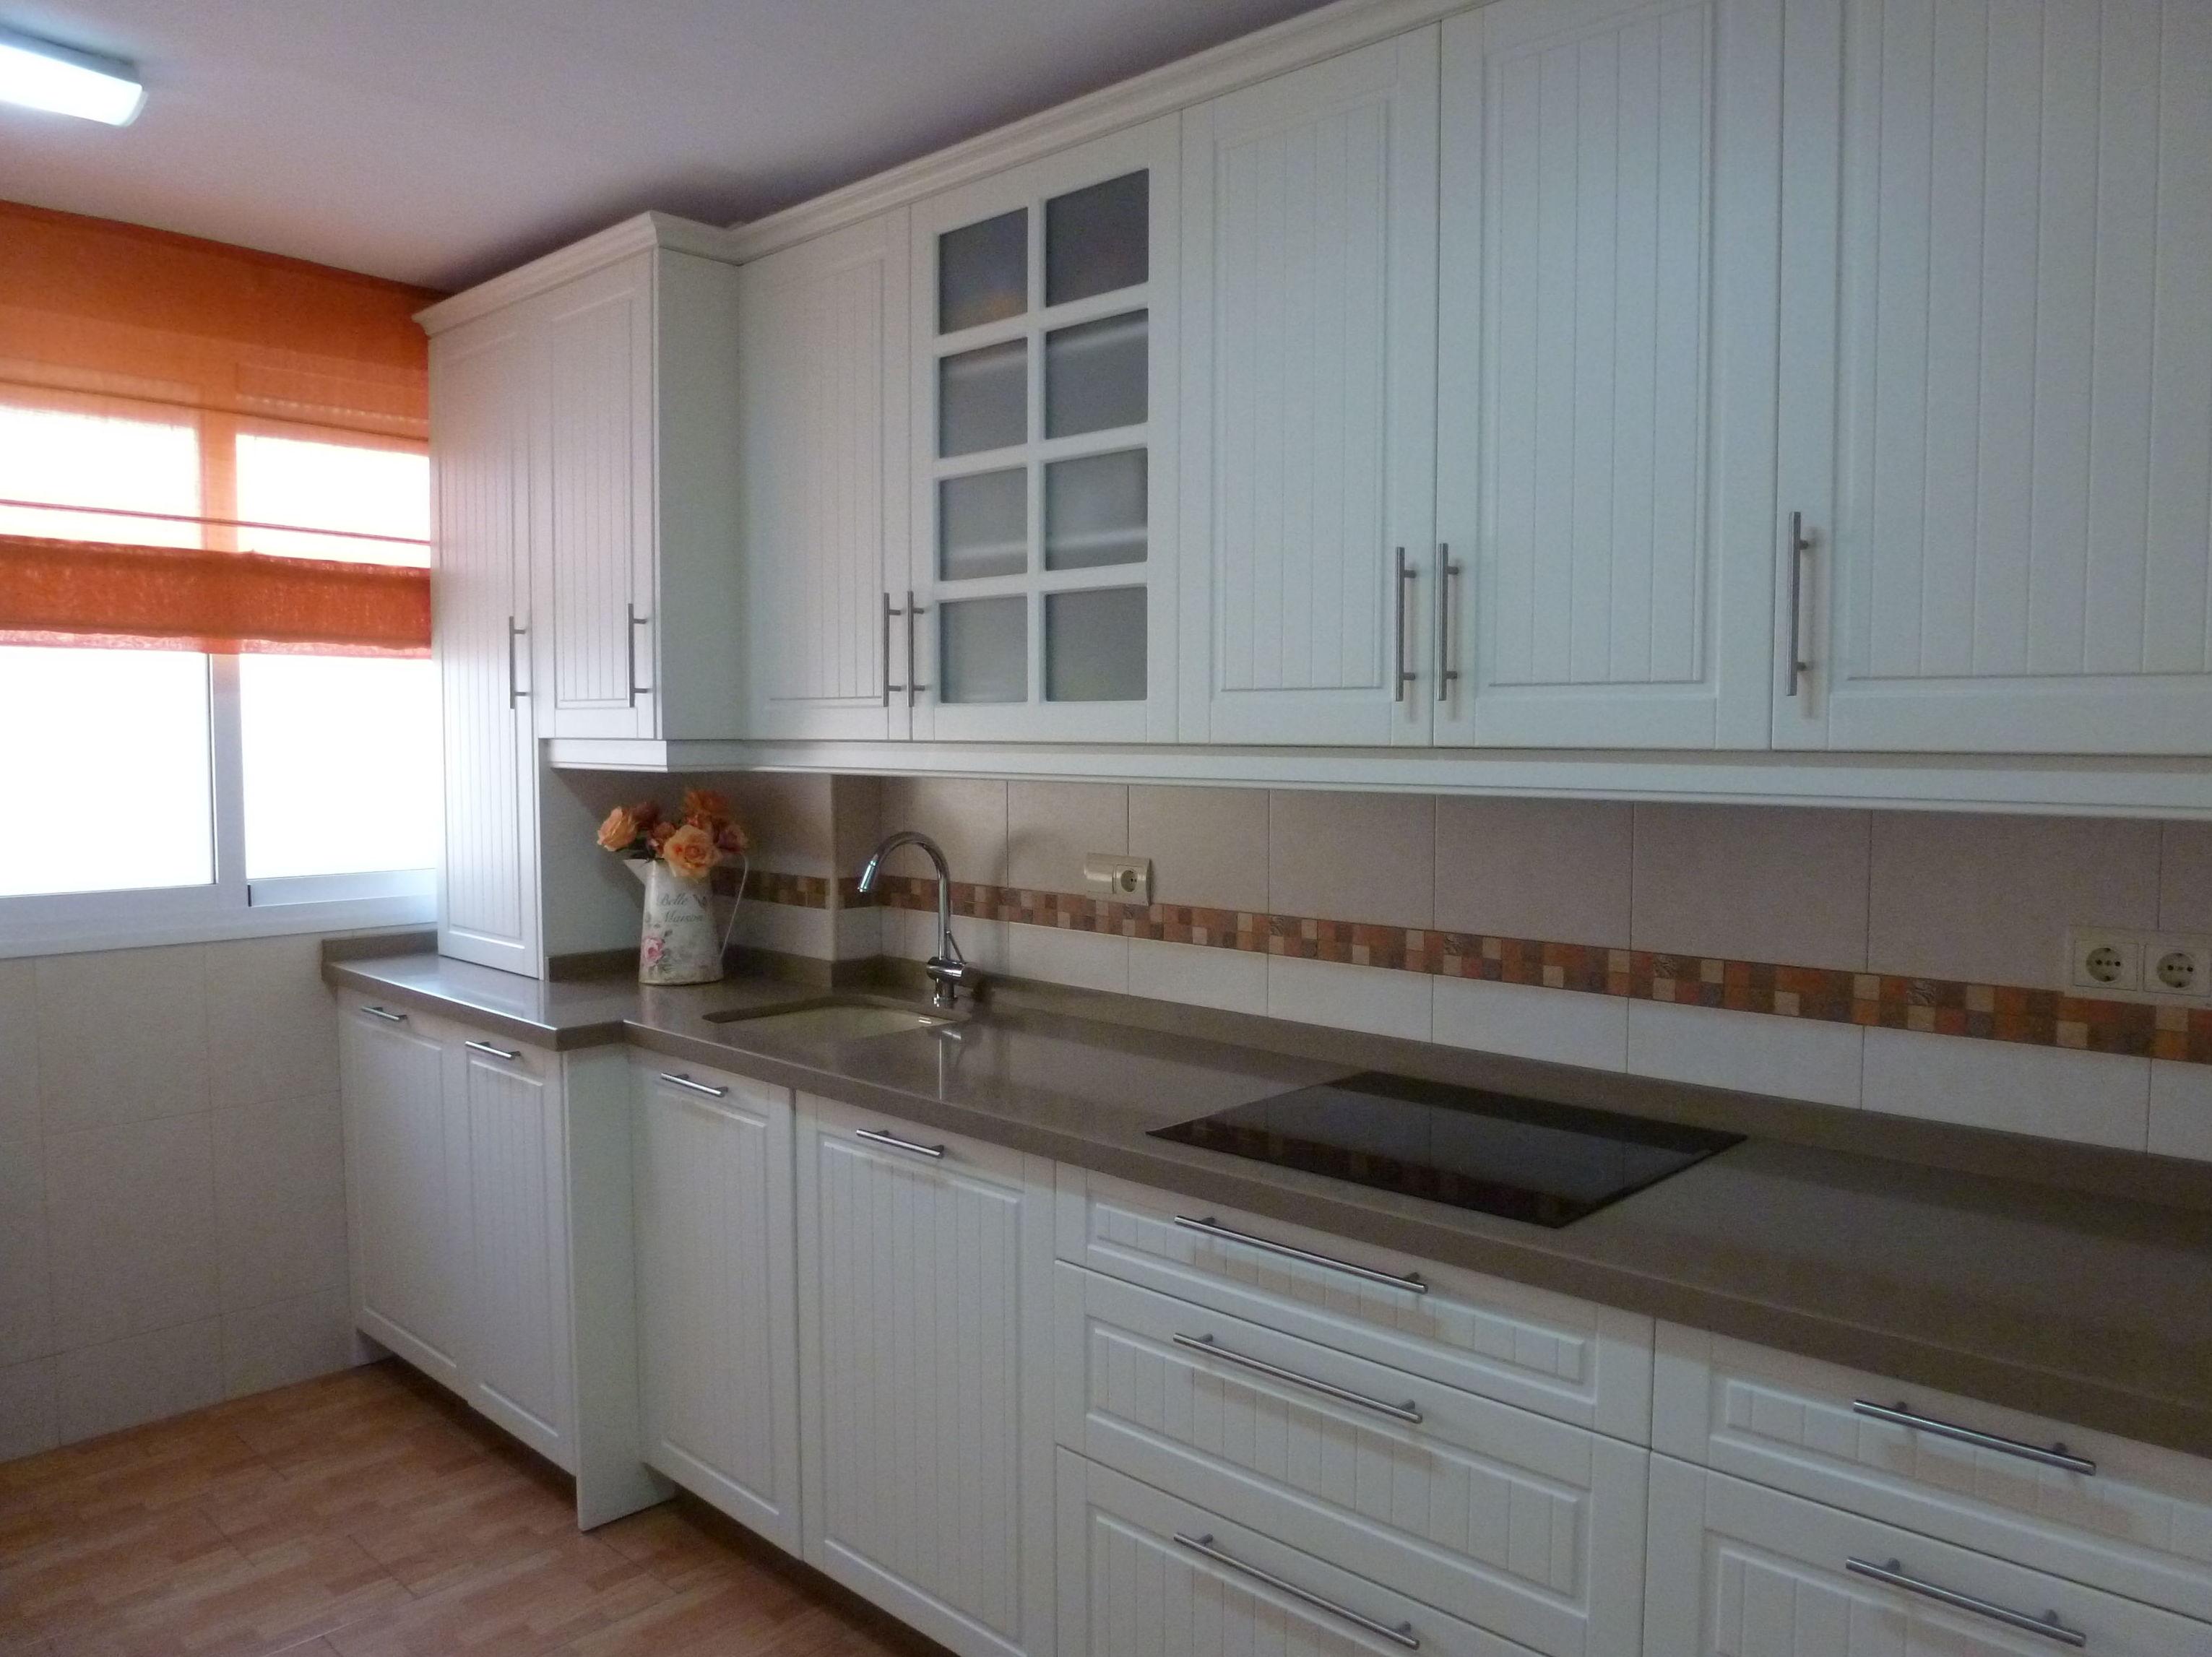 Foto 23 de Muebles a medida en Málaga | Mar Jiménez Diseño de Cocinas